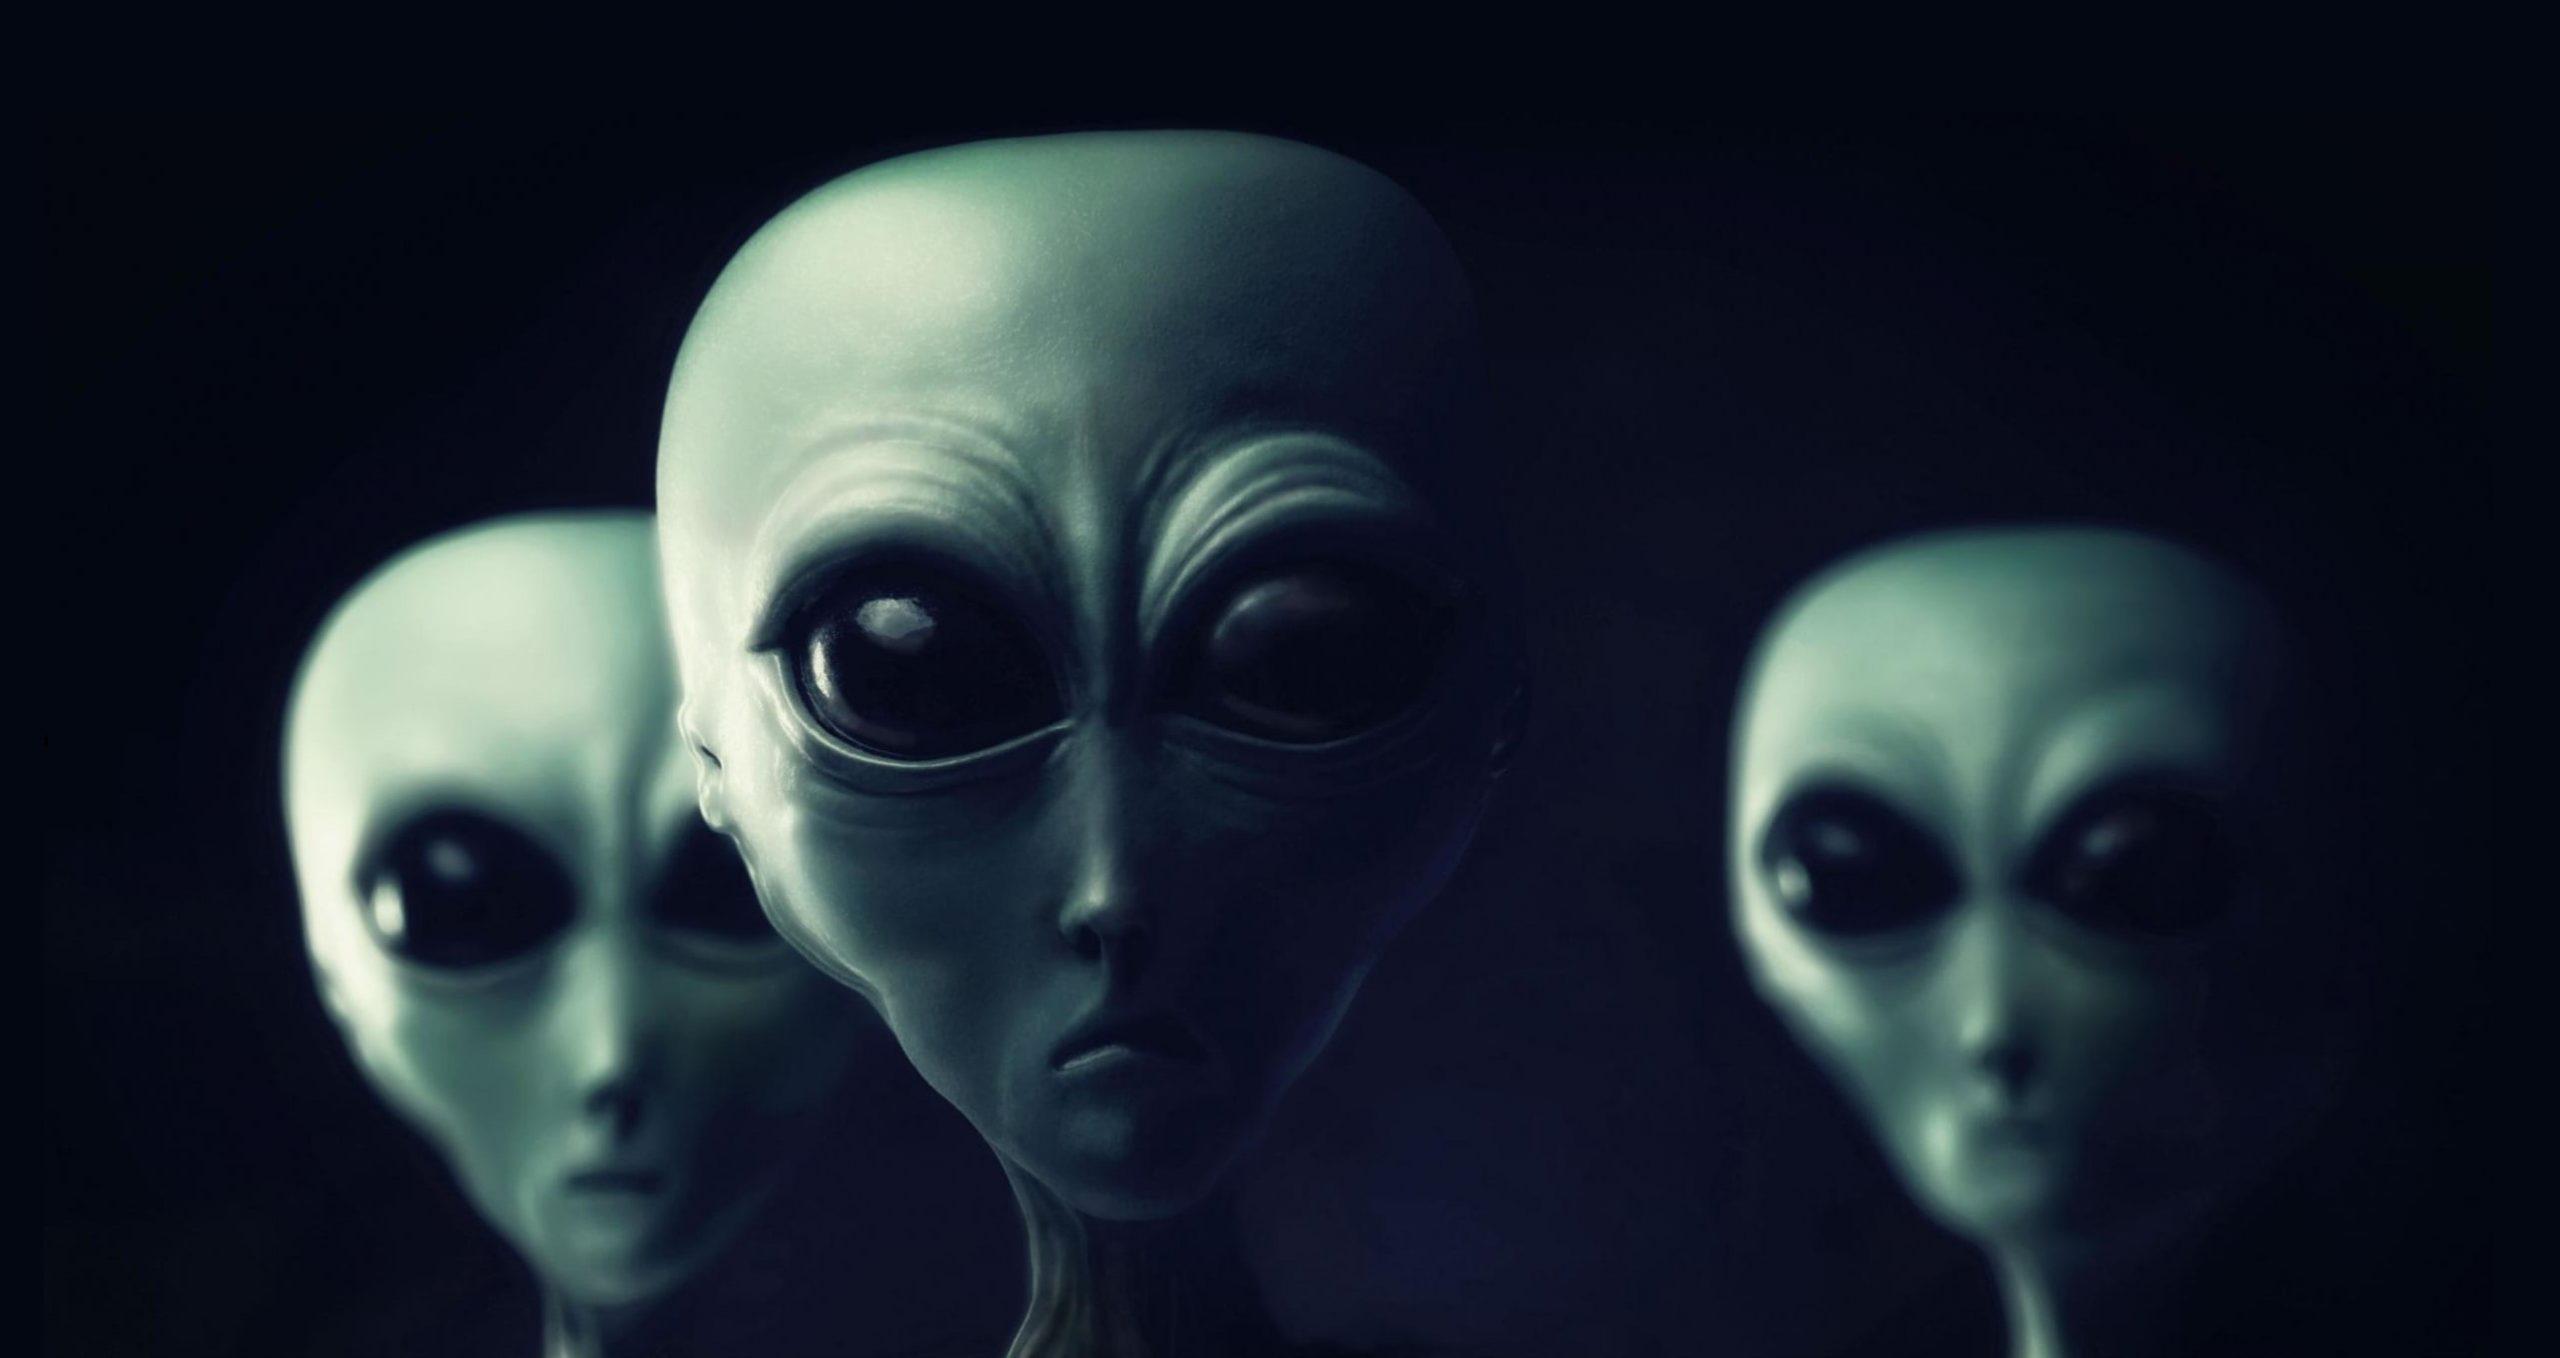 انشا درباره آدم فضایی